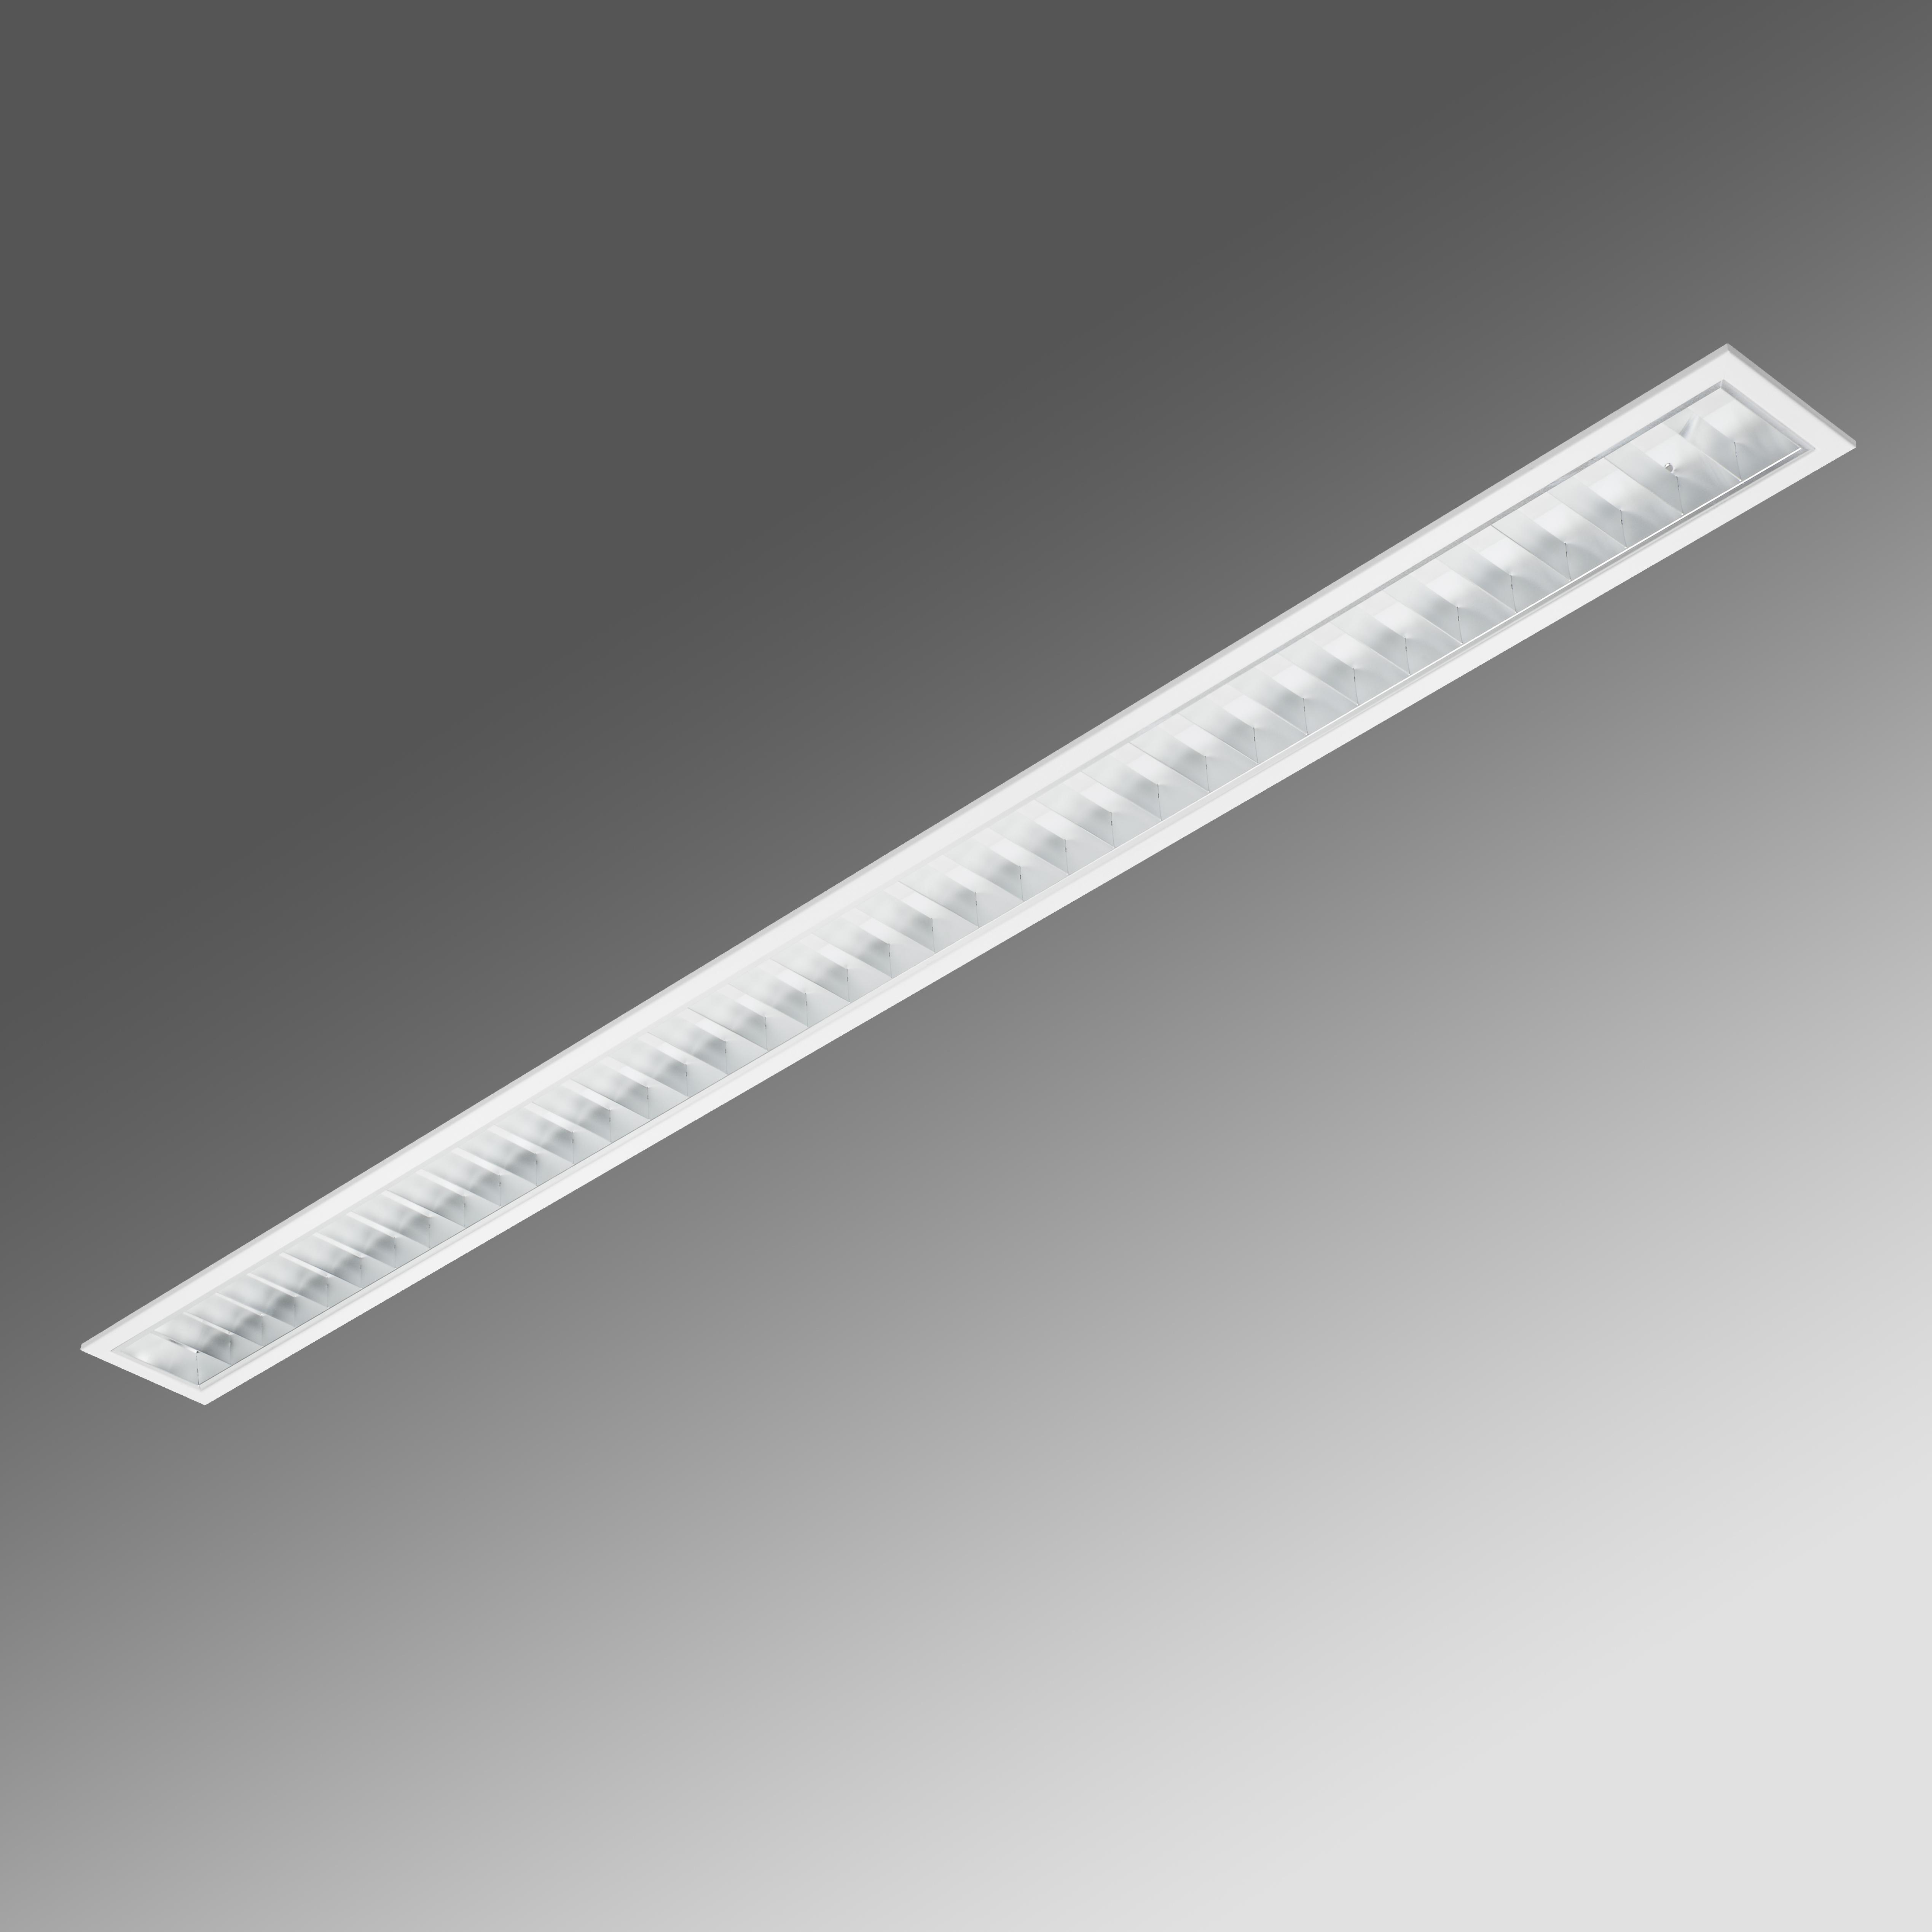 1 Stk SERM LED 112 M 1x21W 3000K, 2200lm Ra>80, weiß, EVG LI99001701